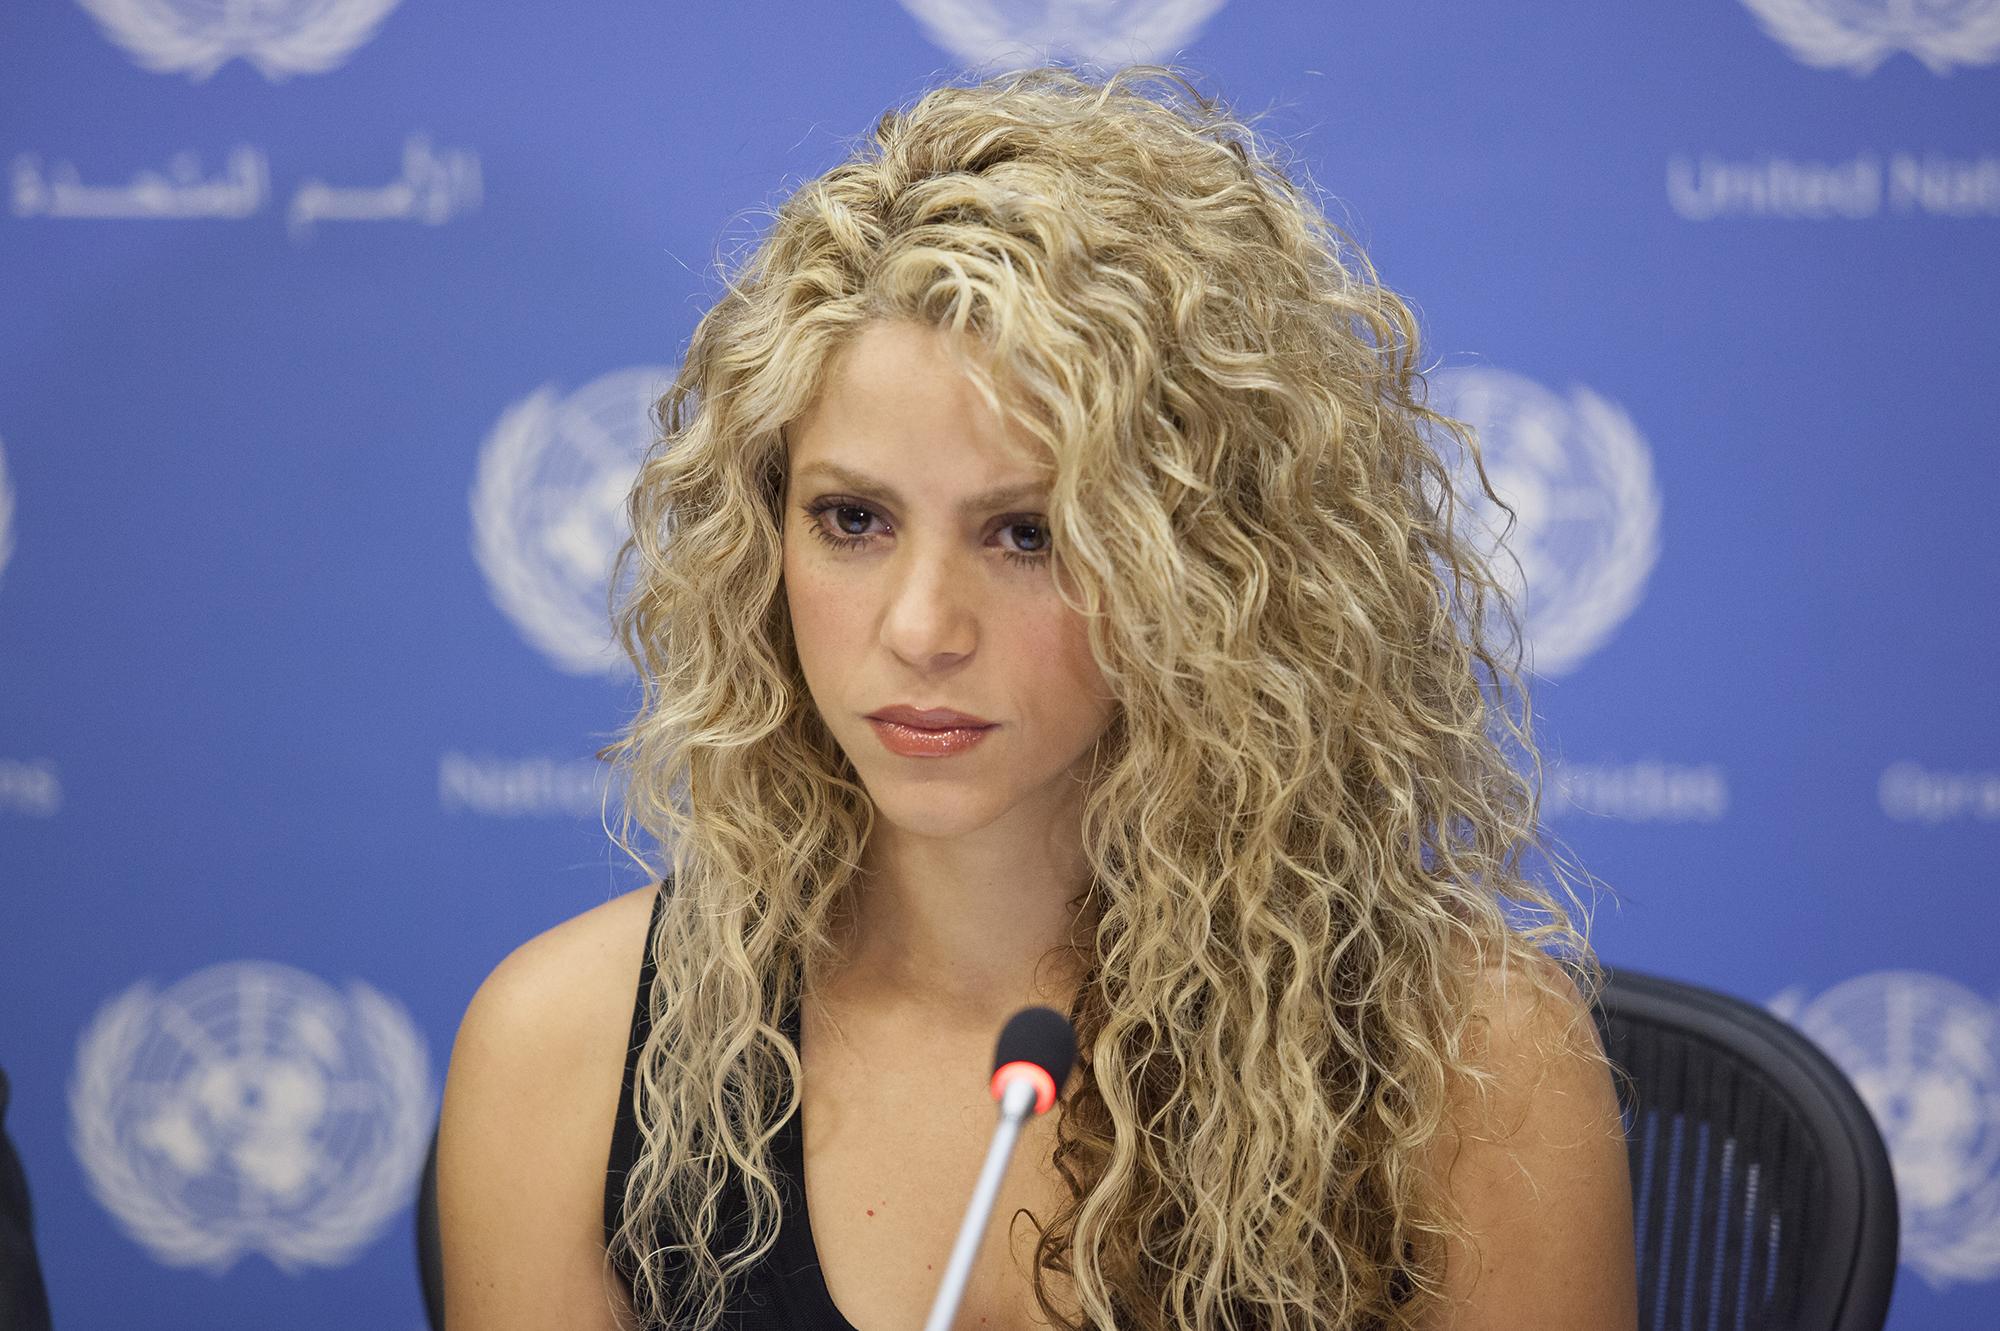 Шакира лишилась голоса из-за кровоизлияния в голосовые связки